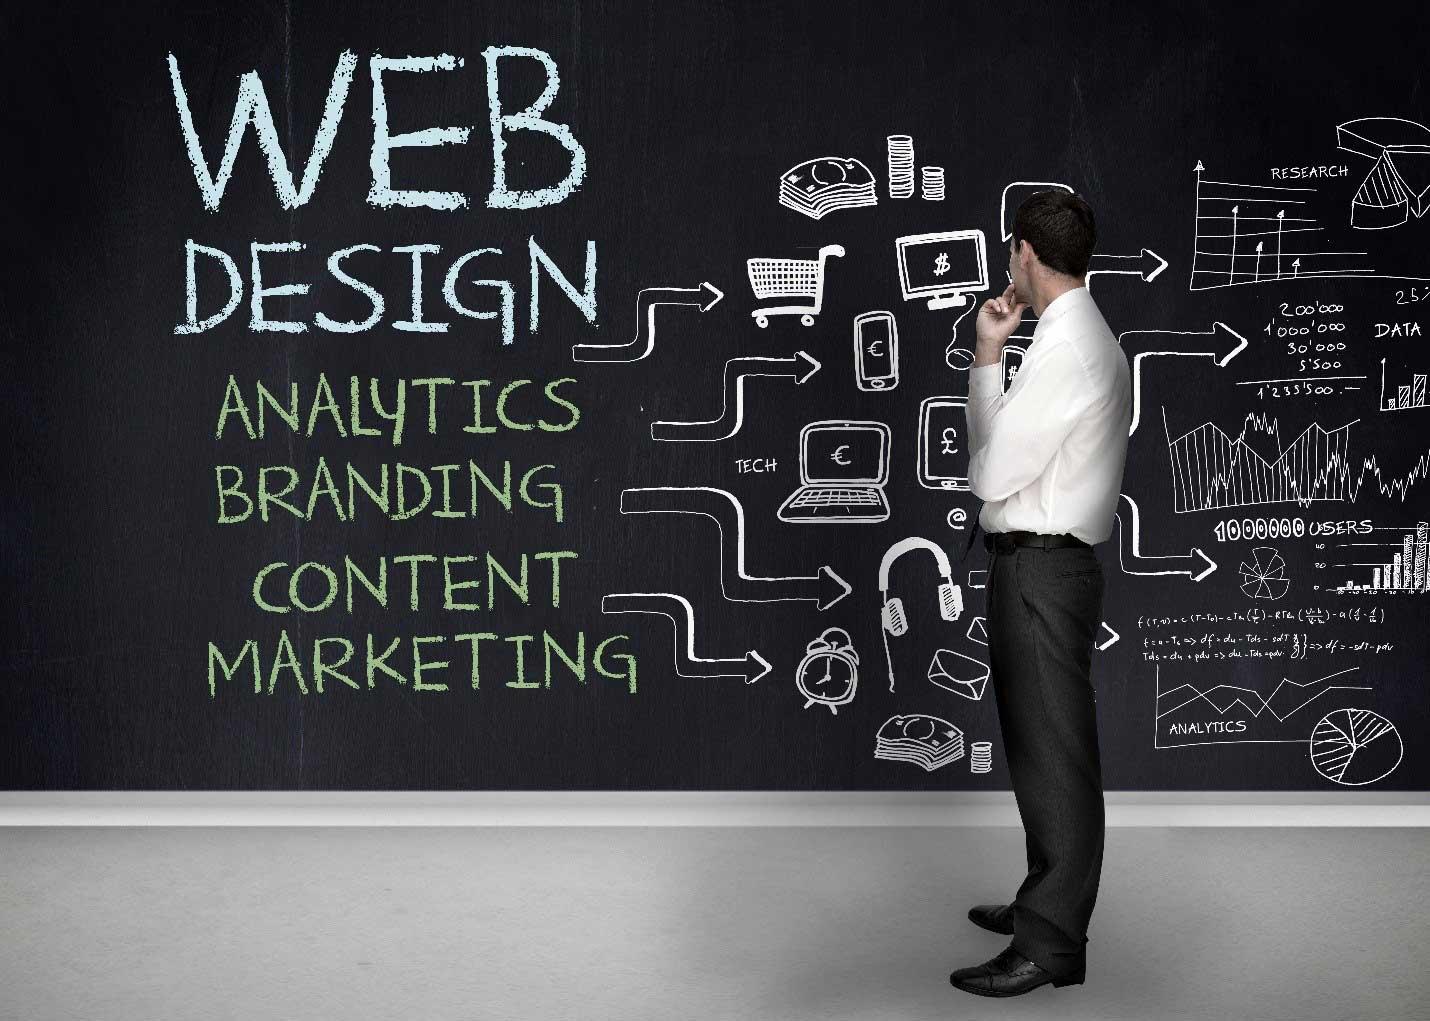 بهترین پیشنهاد برای کسب و کار های کوچک طراحی سایت فروشگاهی